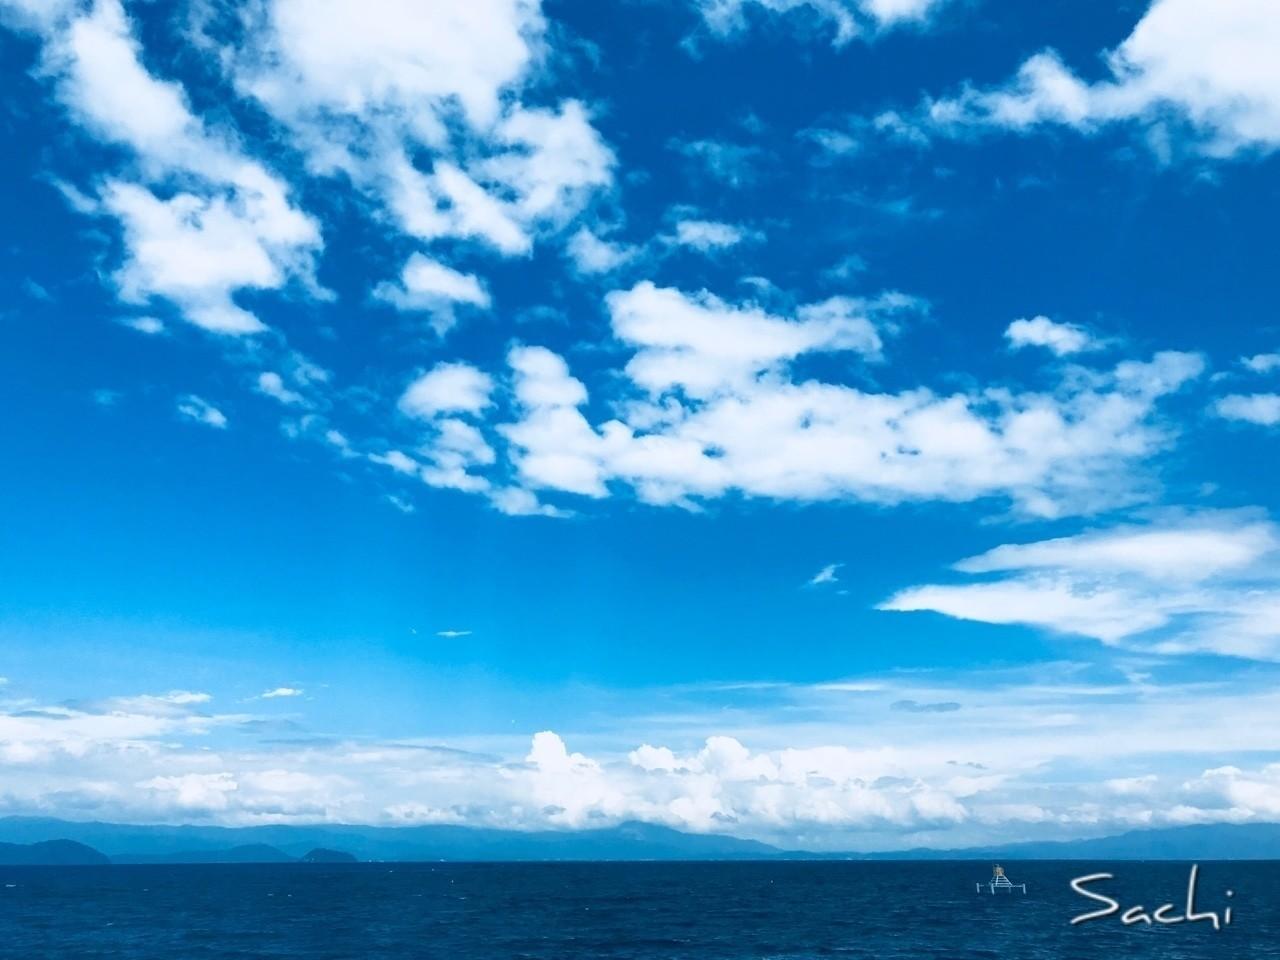 青い世界  驚くほどのスピードで  心にスーっと入り込んで  もの凄いスピードで  心の中を綺麗にしていく  同時に笑顔の種も運んでくる  人を元気にするプロ  #写真 #空 #琵琶湖 #青い世界 #人を元気にする #プロ